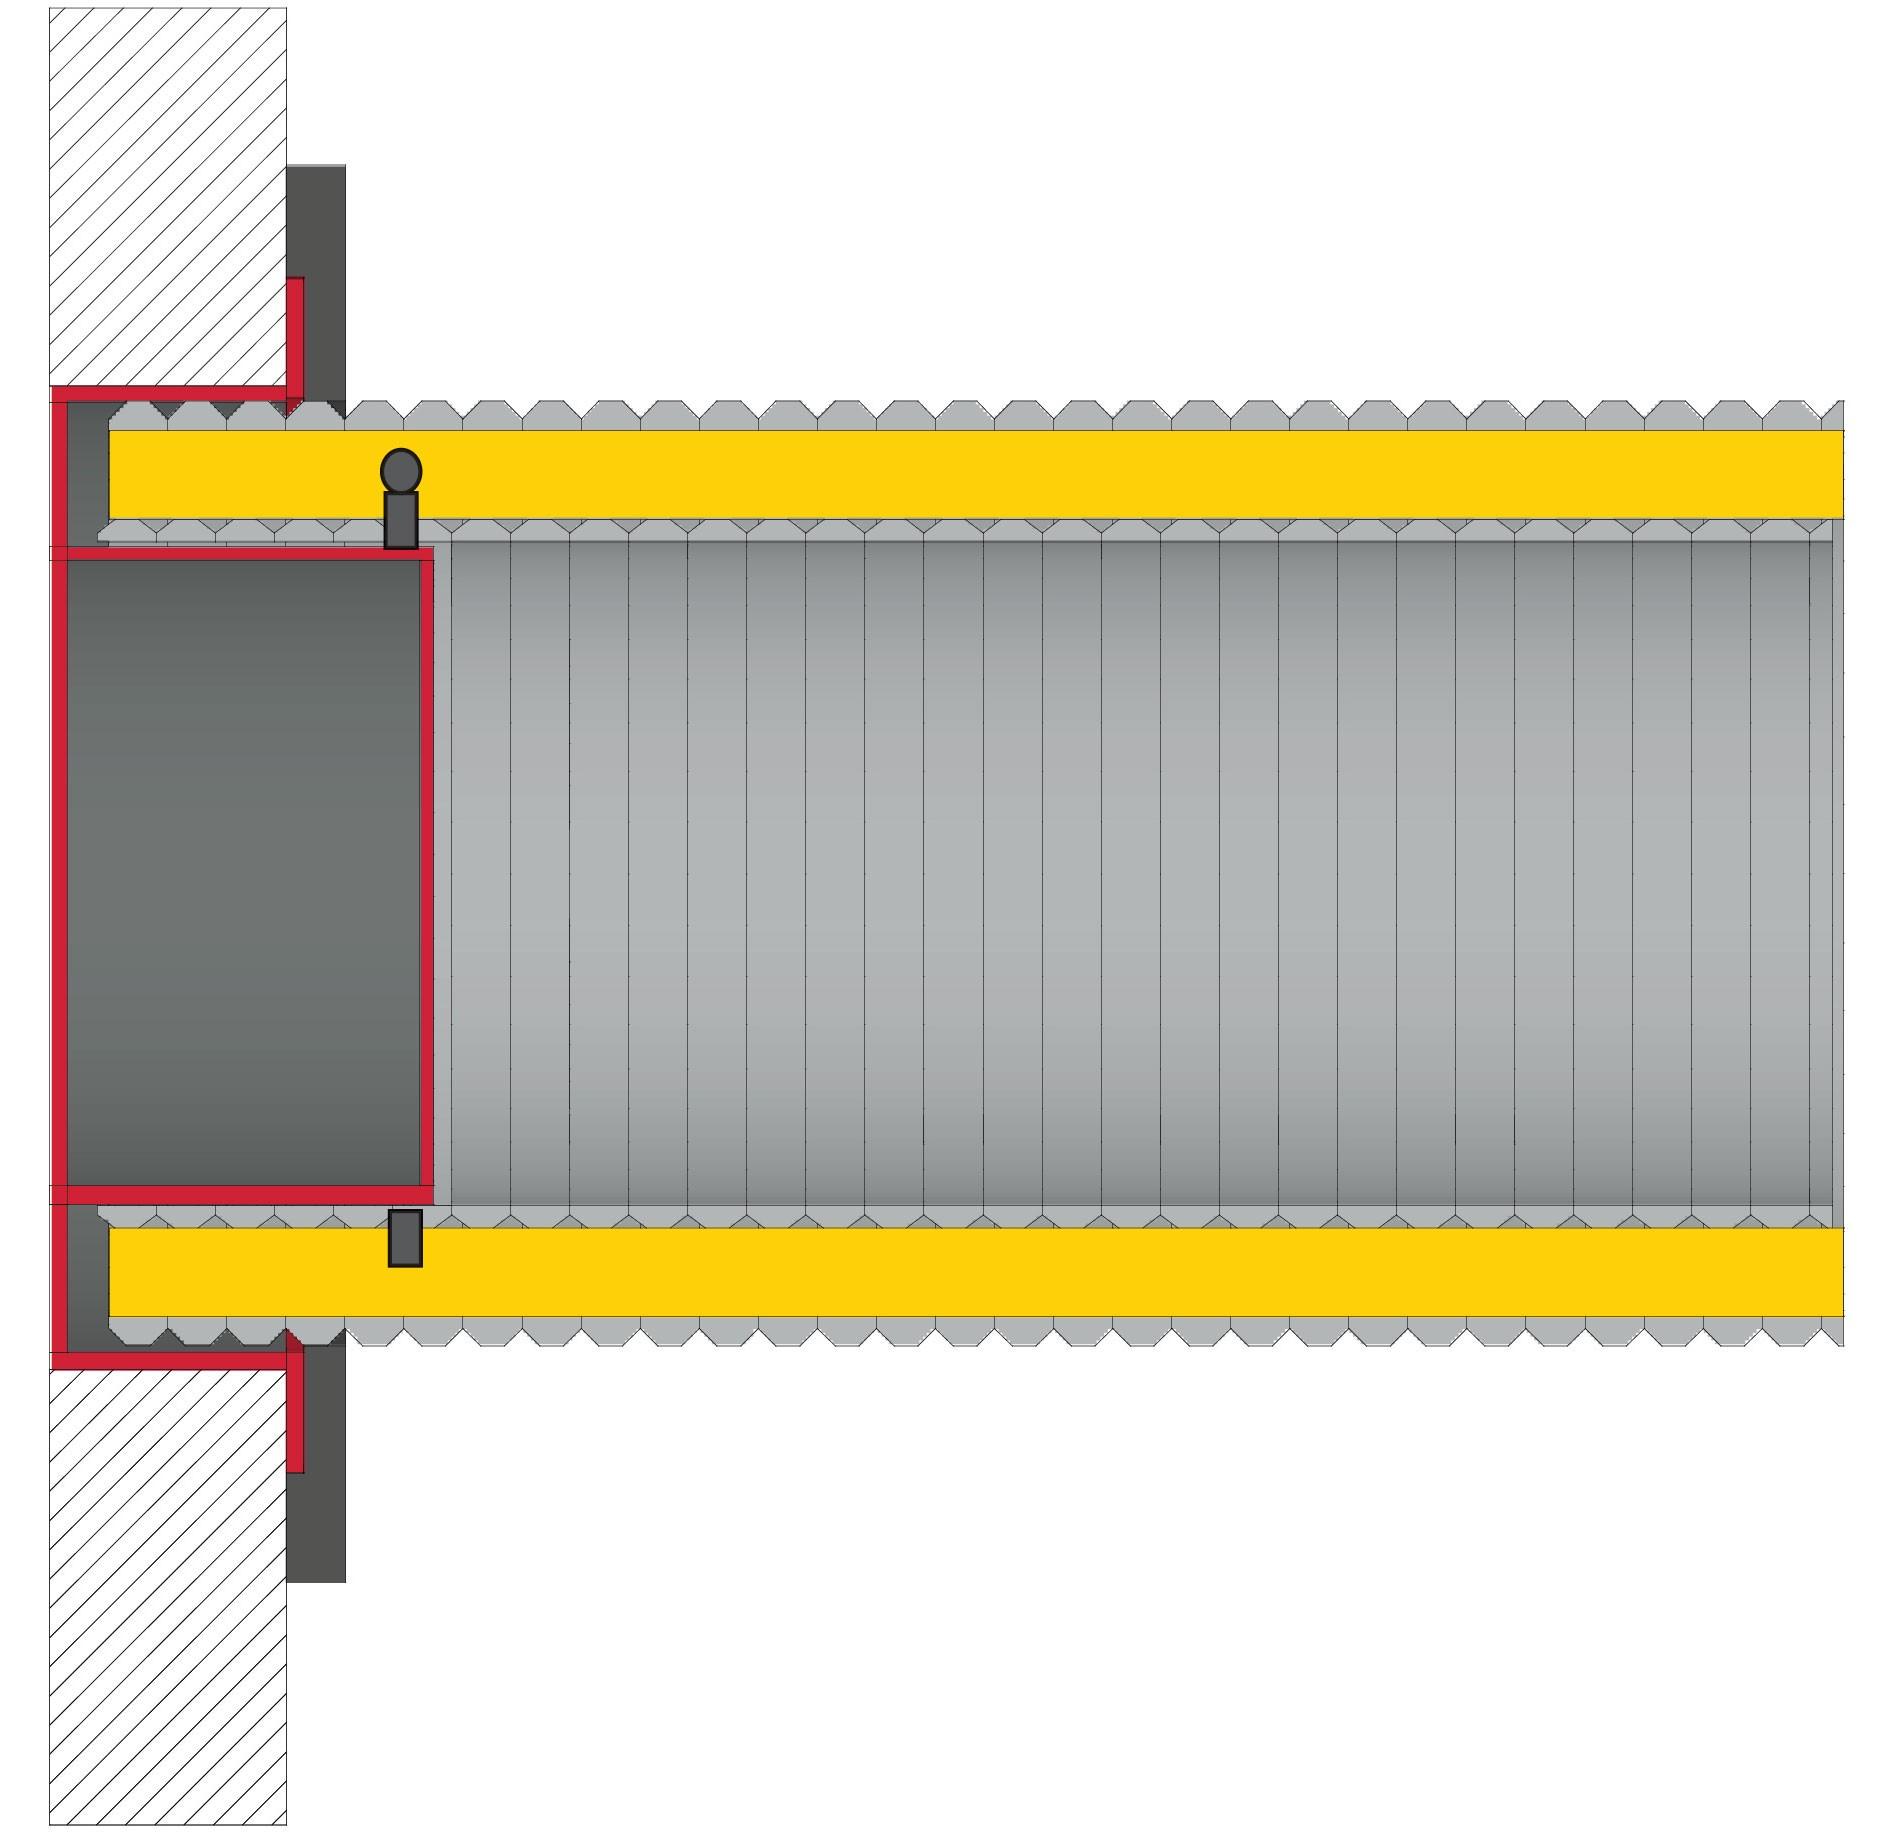 Anschlussstutzen für externe Luftzufuhr Ø125mm verzinkt LAS Ringspalt Bild 2